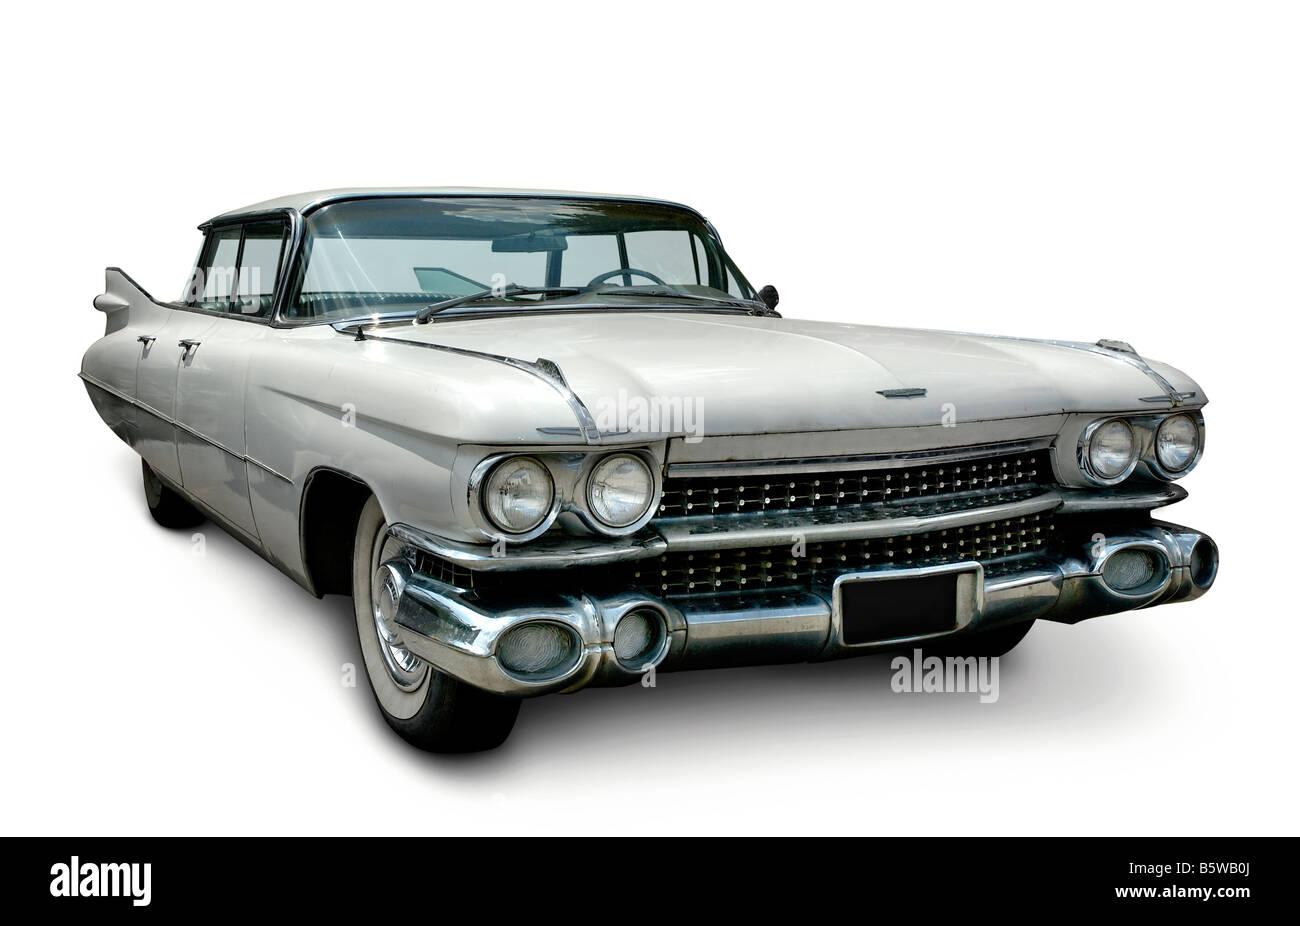 1960 Cadillac Stock Photos & 1960 Cadillac Stock Images - Alamy